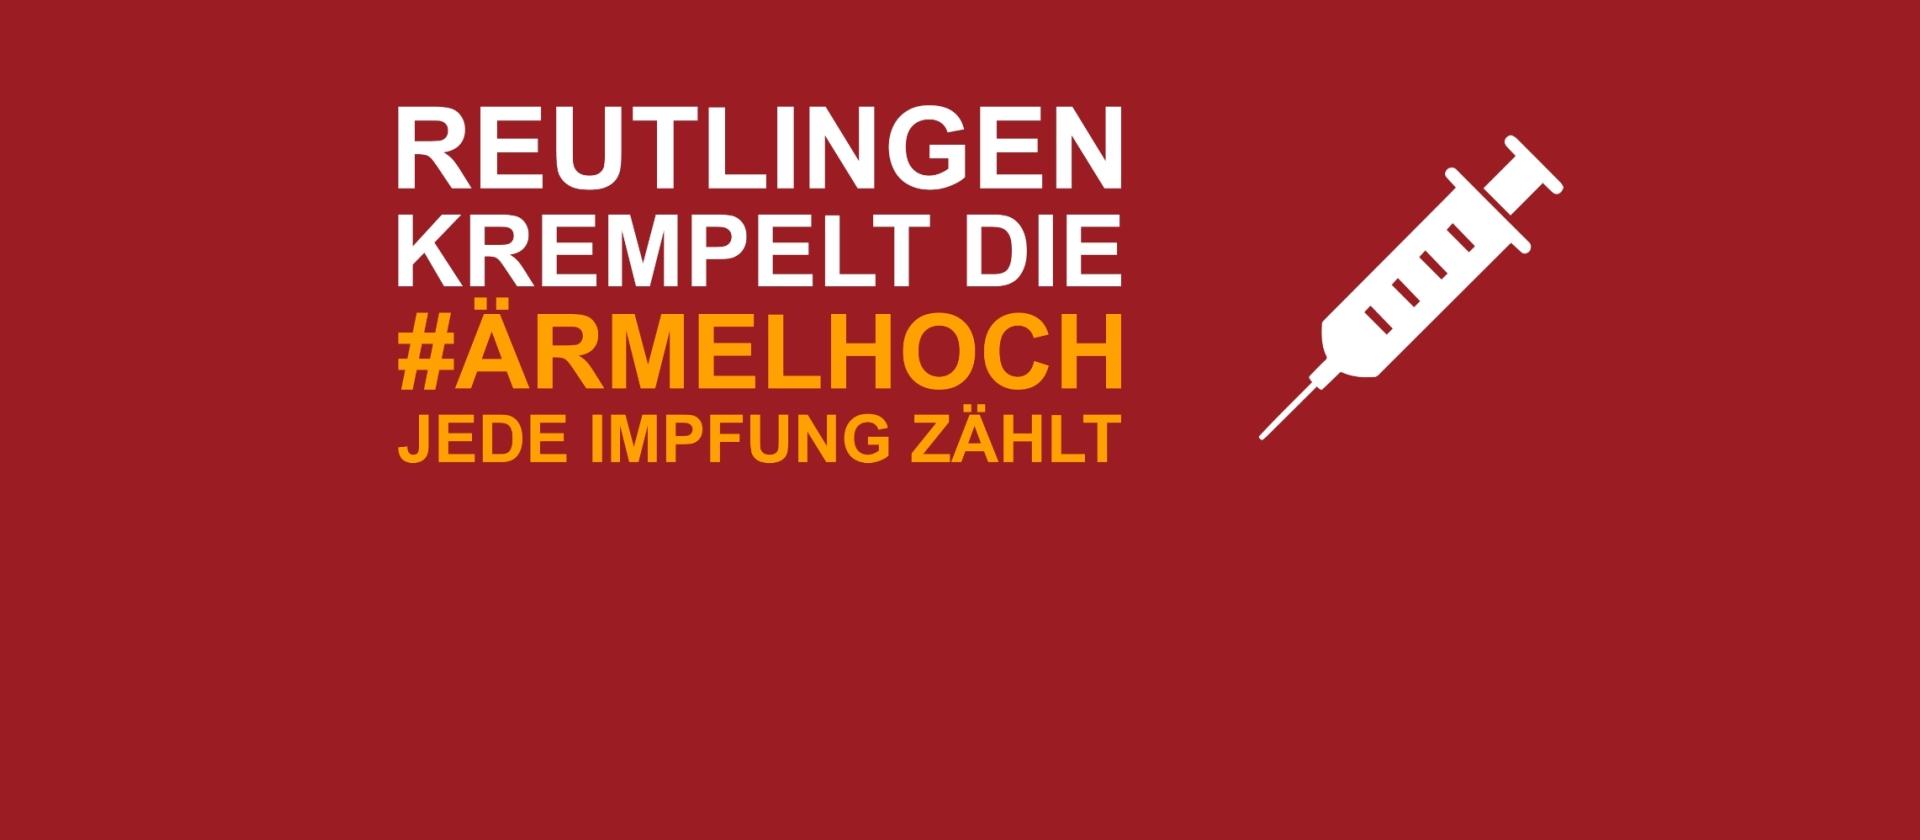 spiel machen in reutlingen online partnervermittlung bischofshofen